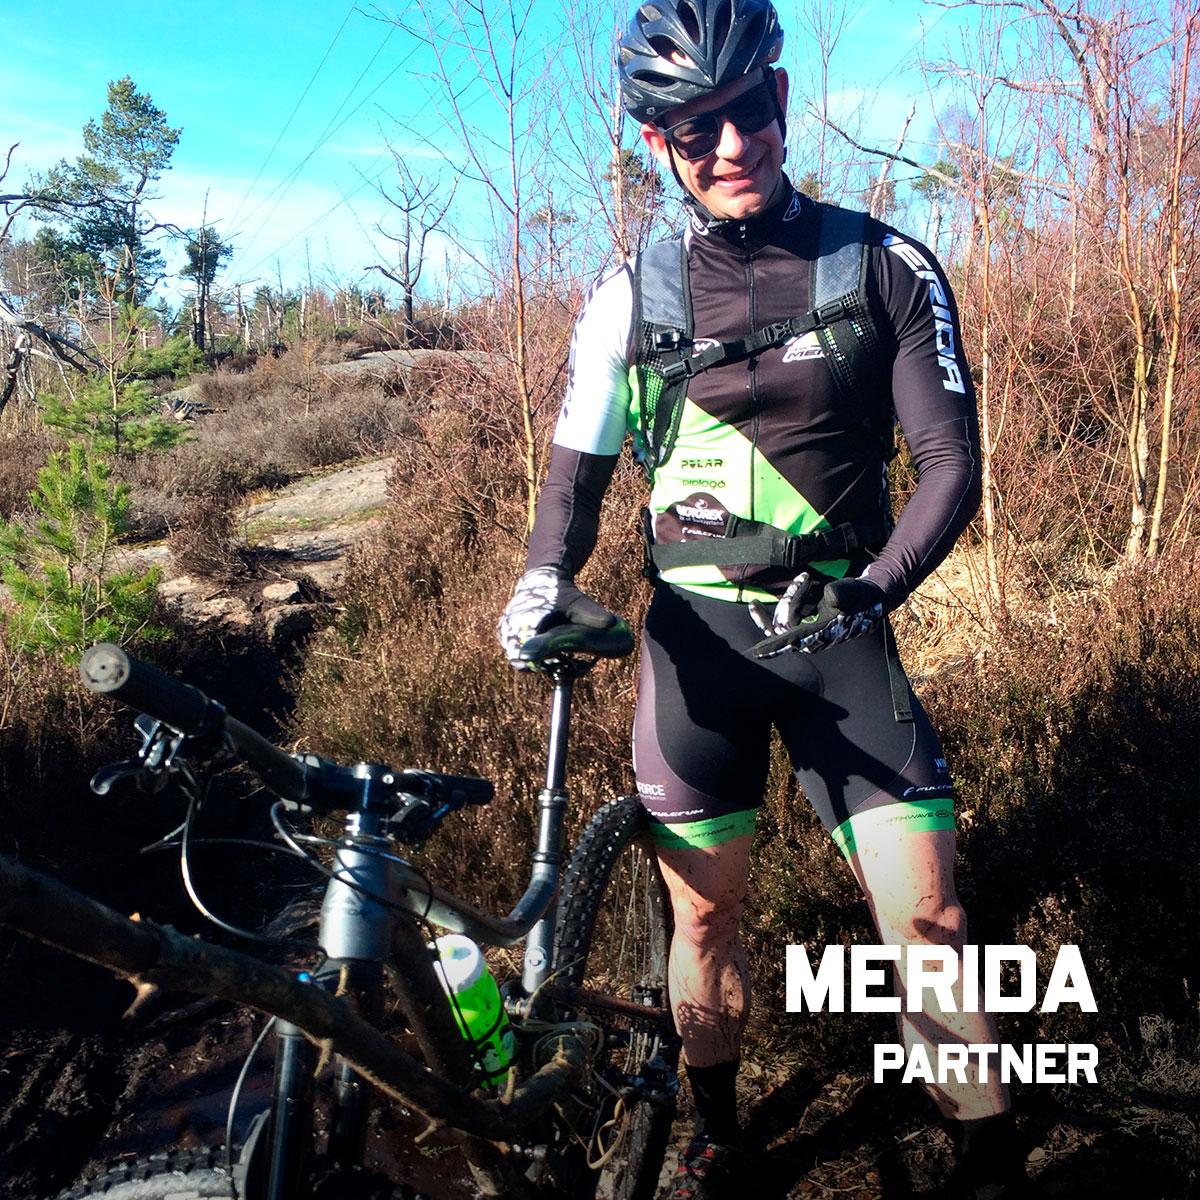 merida-partner